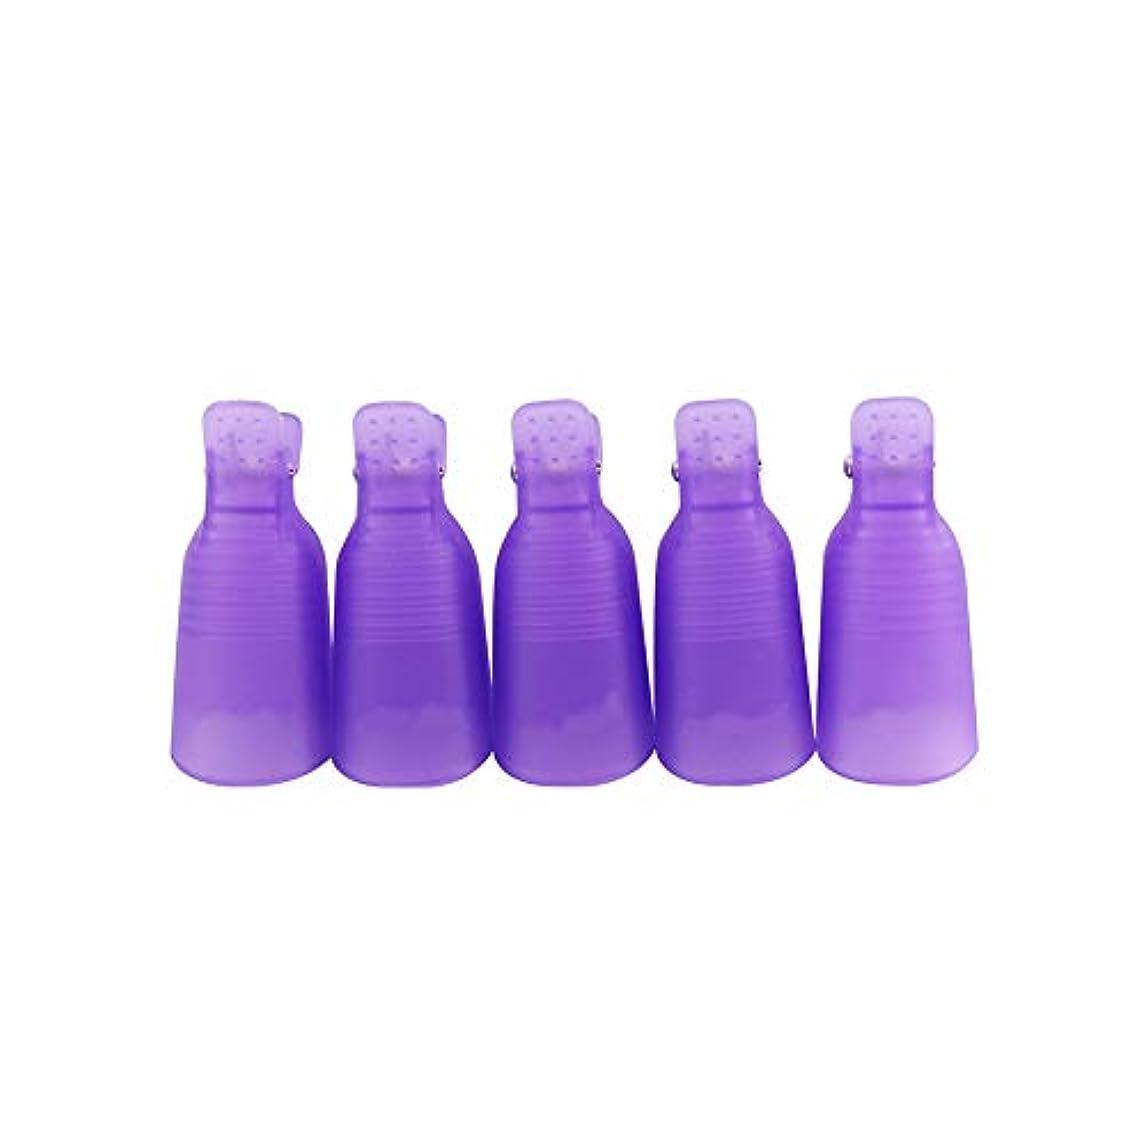 大理石デンプシーごめんなさい5マニキュアUV接着パッドは、キャップリムーバーツールネイルネイルポリッシュリムーバー再利用可能なシリコーンはラップまたはオフに浸した家庭用のサロン(紫)